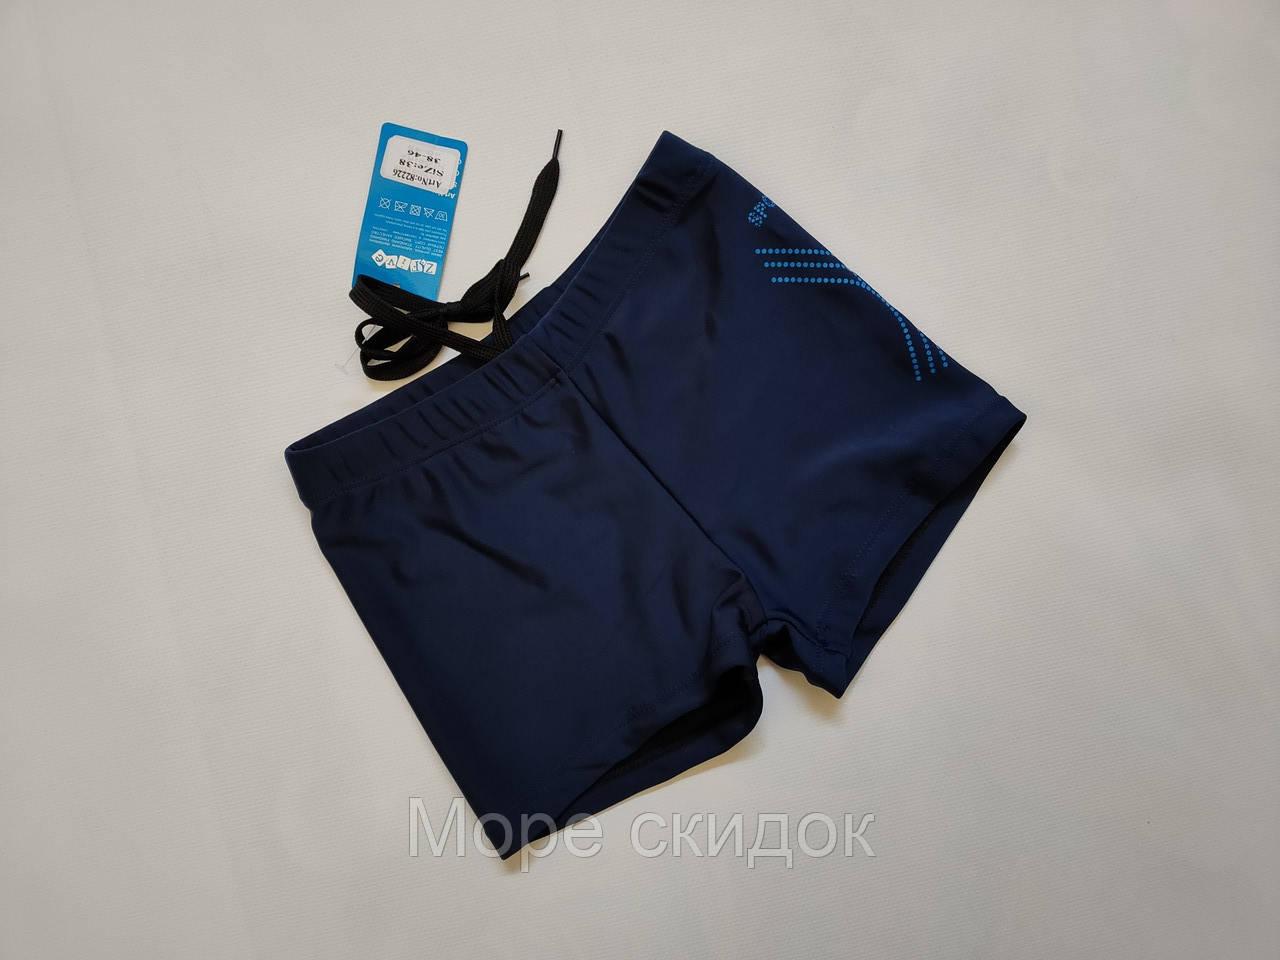 Шорты-плавки подростковые Z.FIVE Валера 82226 синий (в наличии  38 40 42 44 46 размеры)